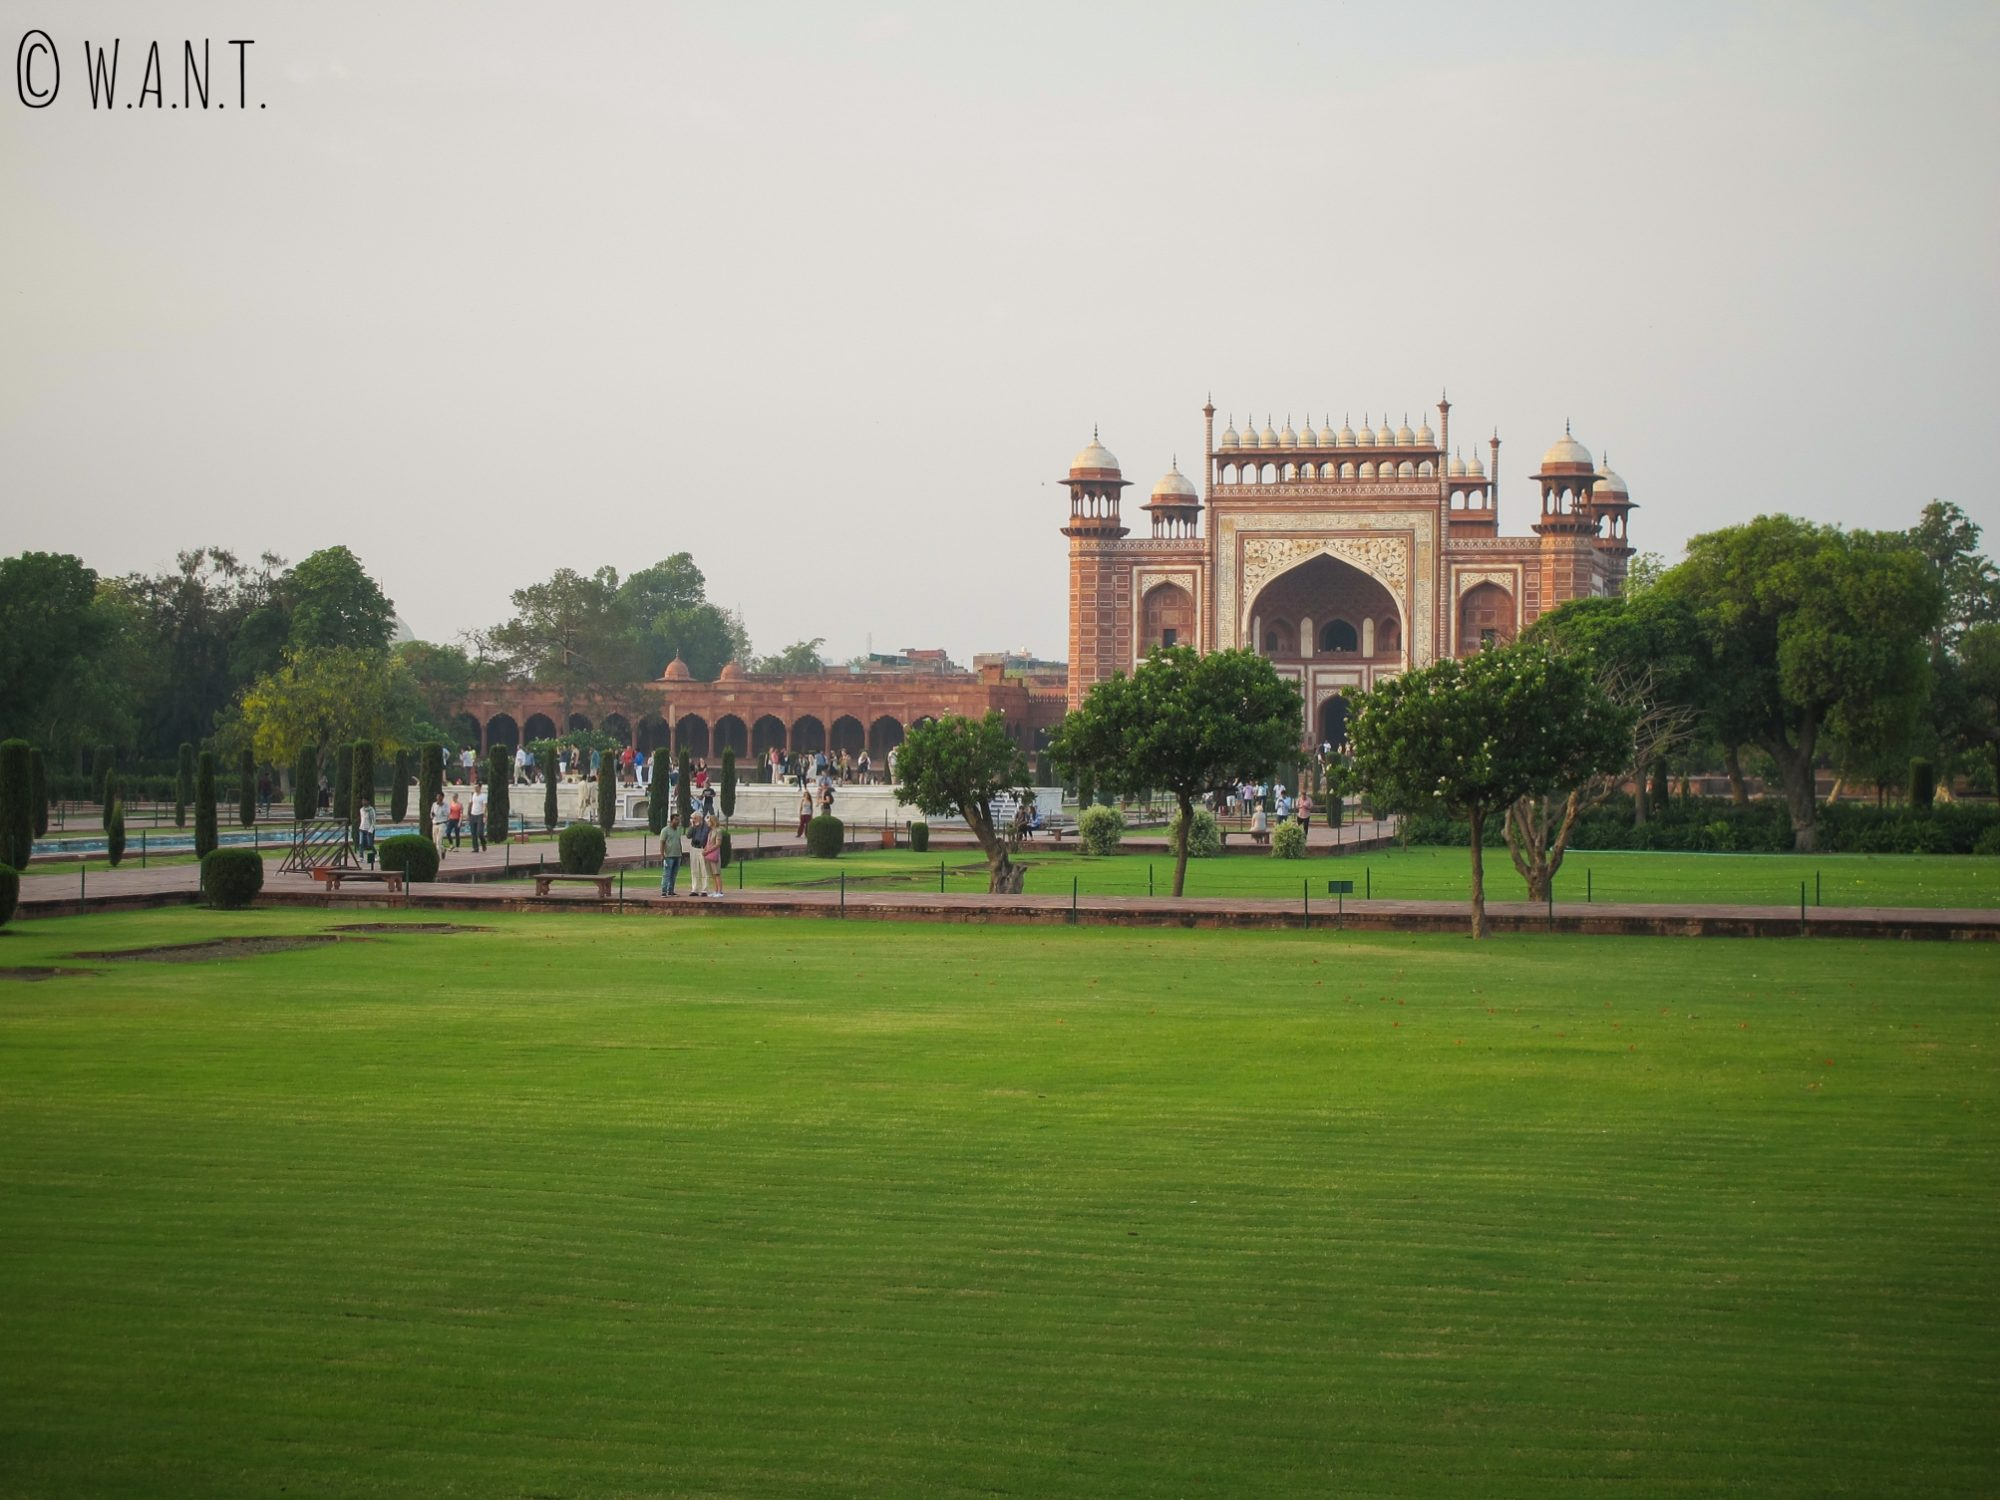 Les jardins du Taj Mahal sont très bien entretenus malgré l'orage de la veille